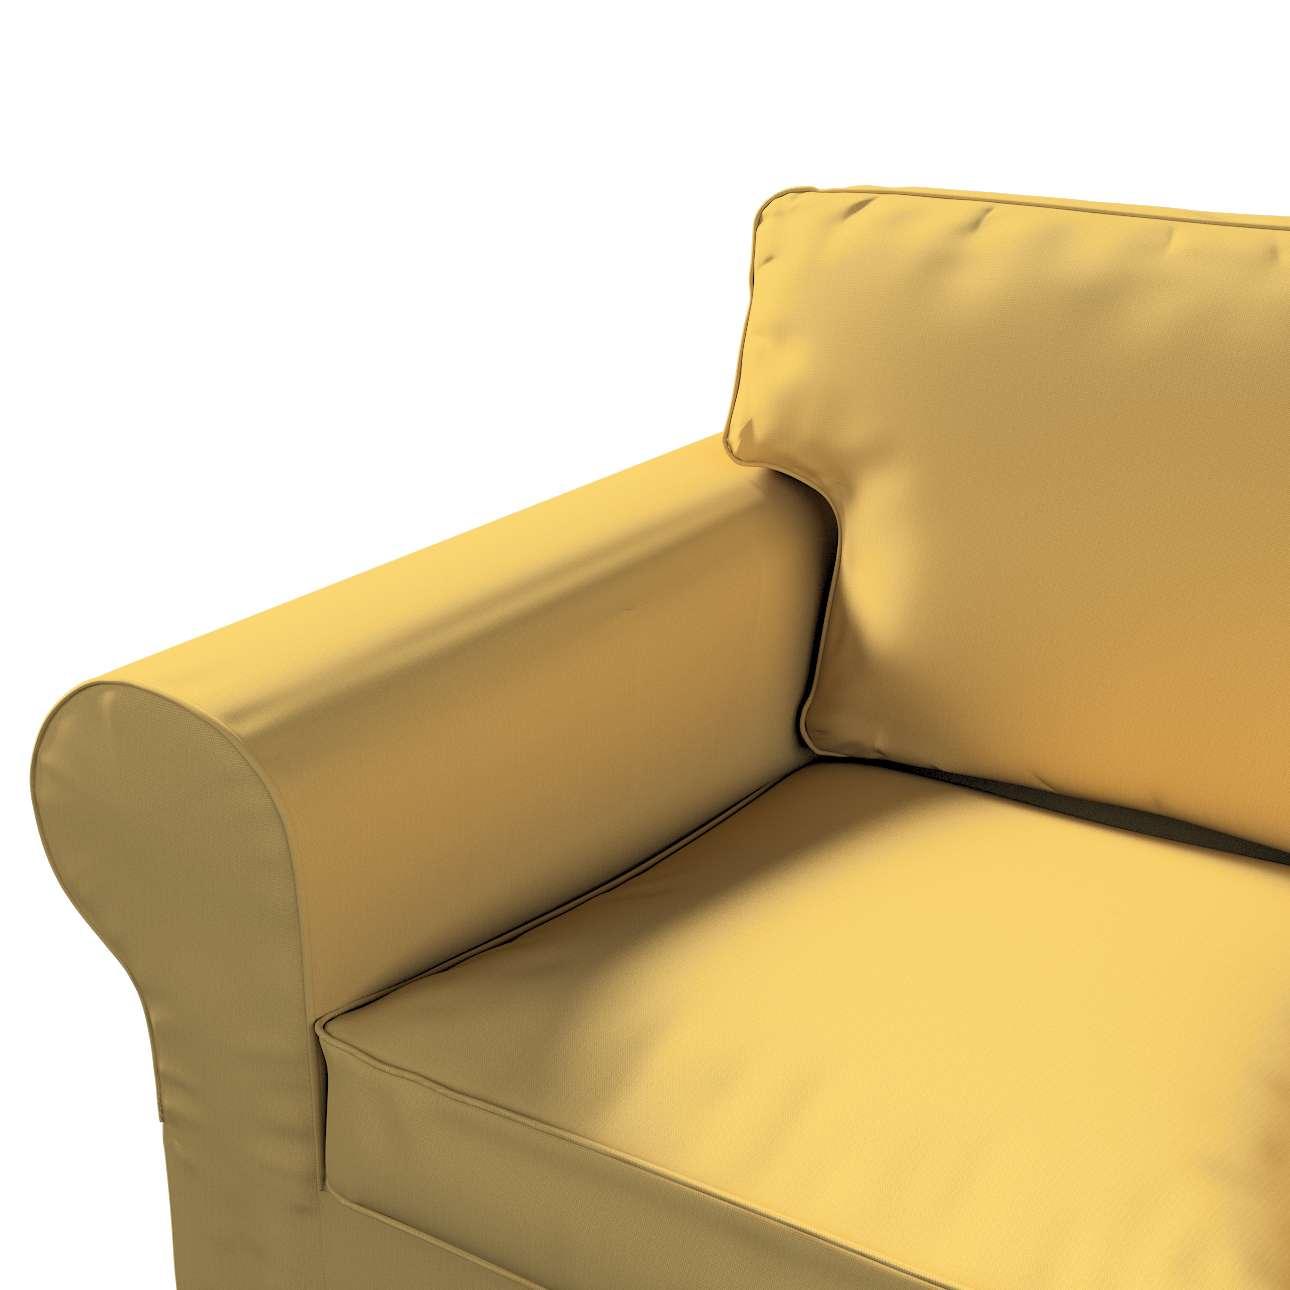 Pokrowiec na sofę Ektorp 2-osobową, rozkładaną, model do 2012 w kolekcji Cotton Panama, tkanina: 702-41